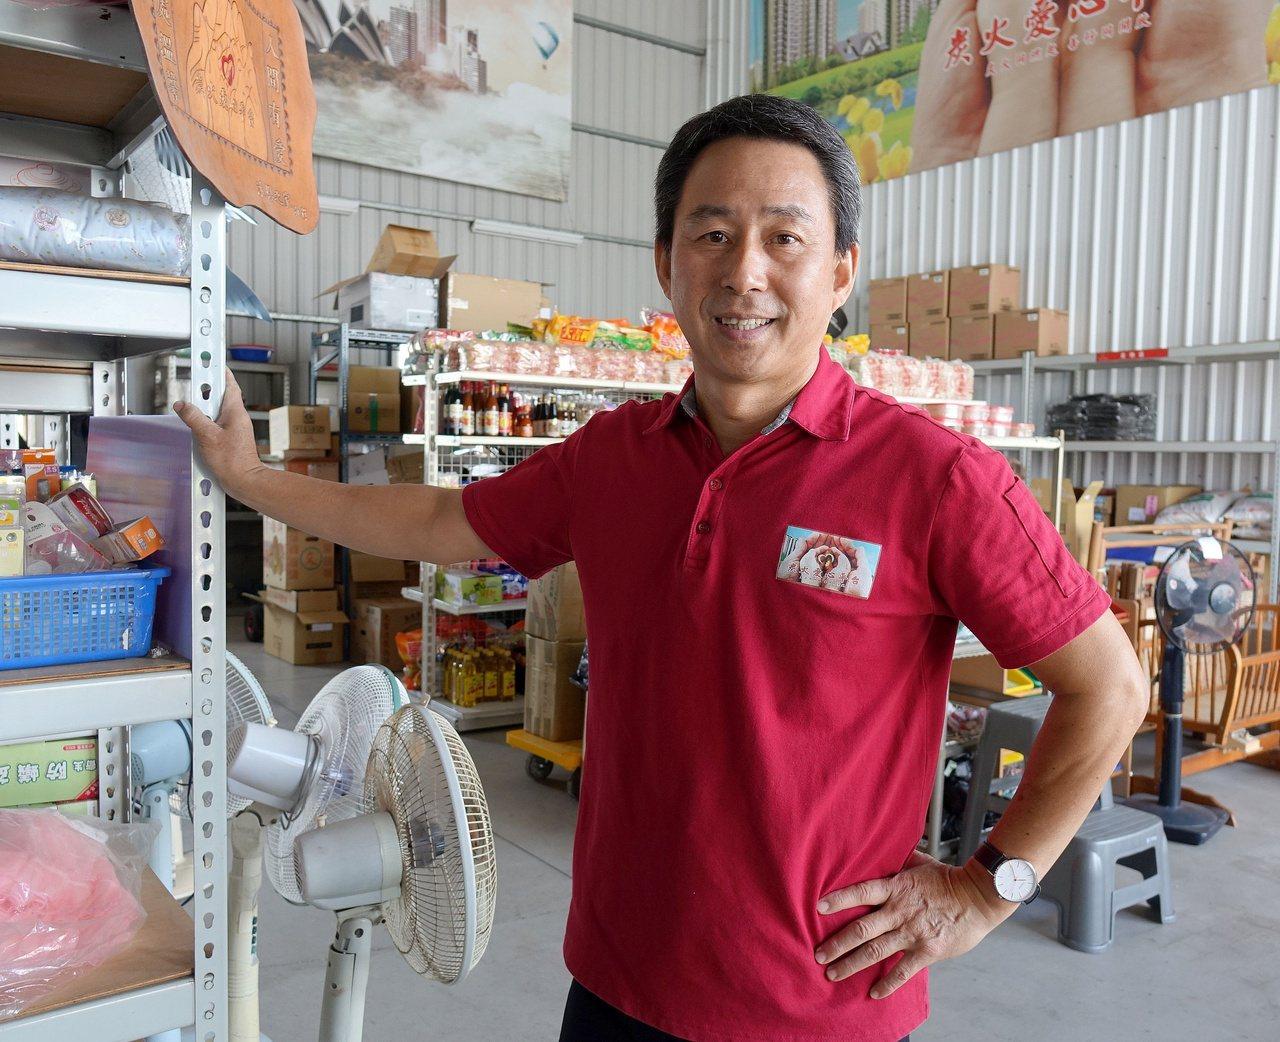 58歲網路「炭火愛心平台」負責人鄭國華用自己的方式做公益。 圖/楊濡嘉 攝影